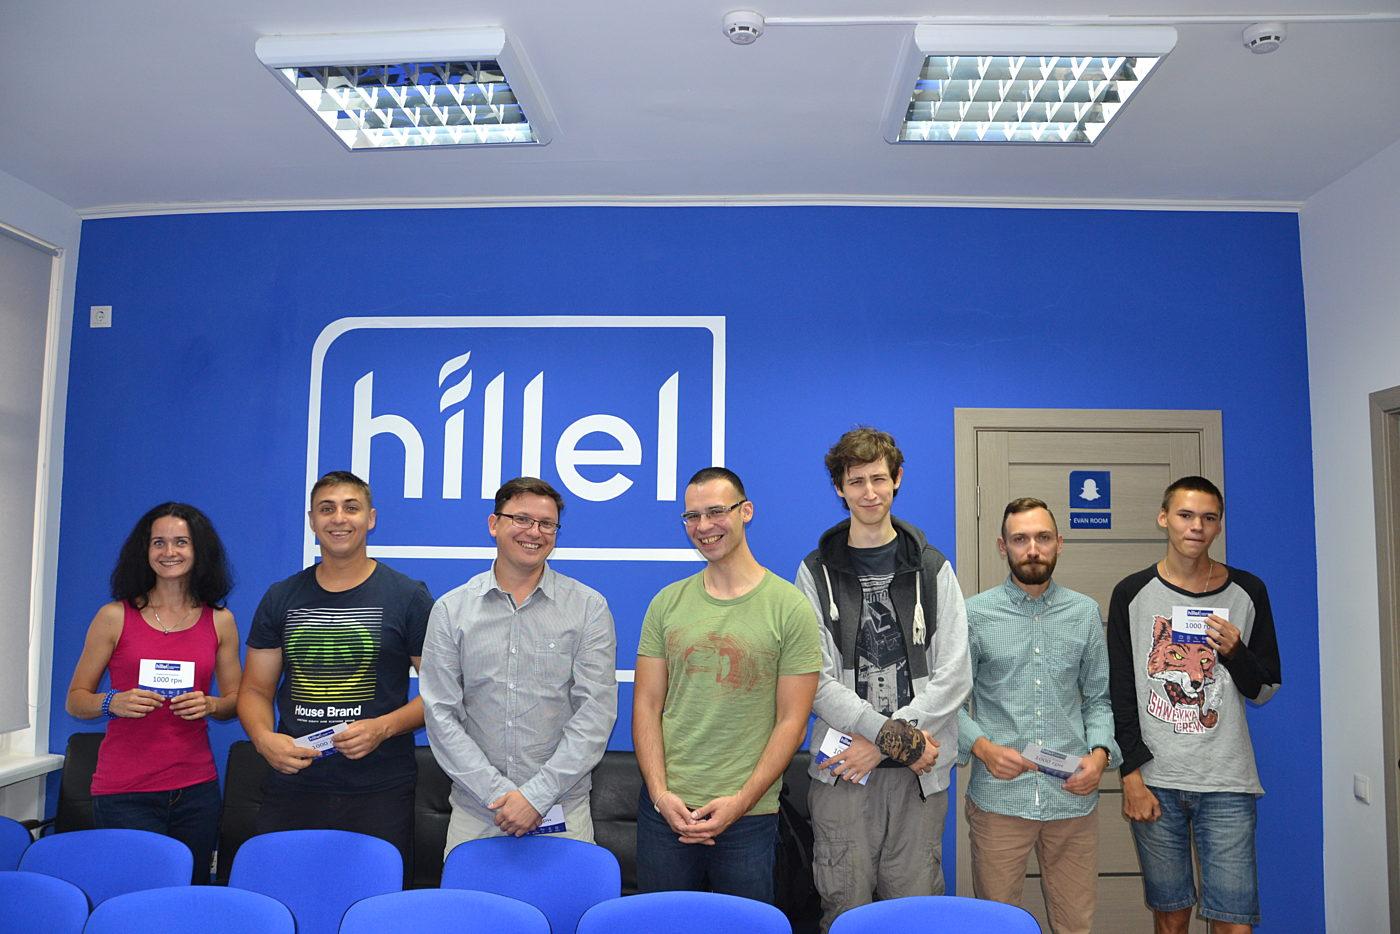 Новости школы: Презентация рабочих прототипов программы Hillel Evo в Киеве